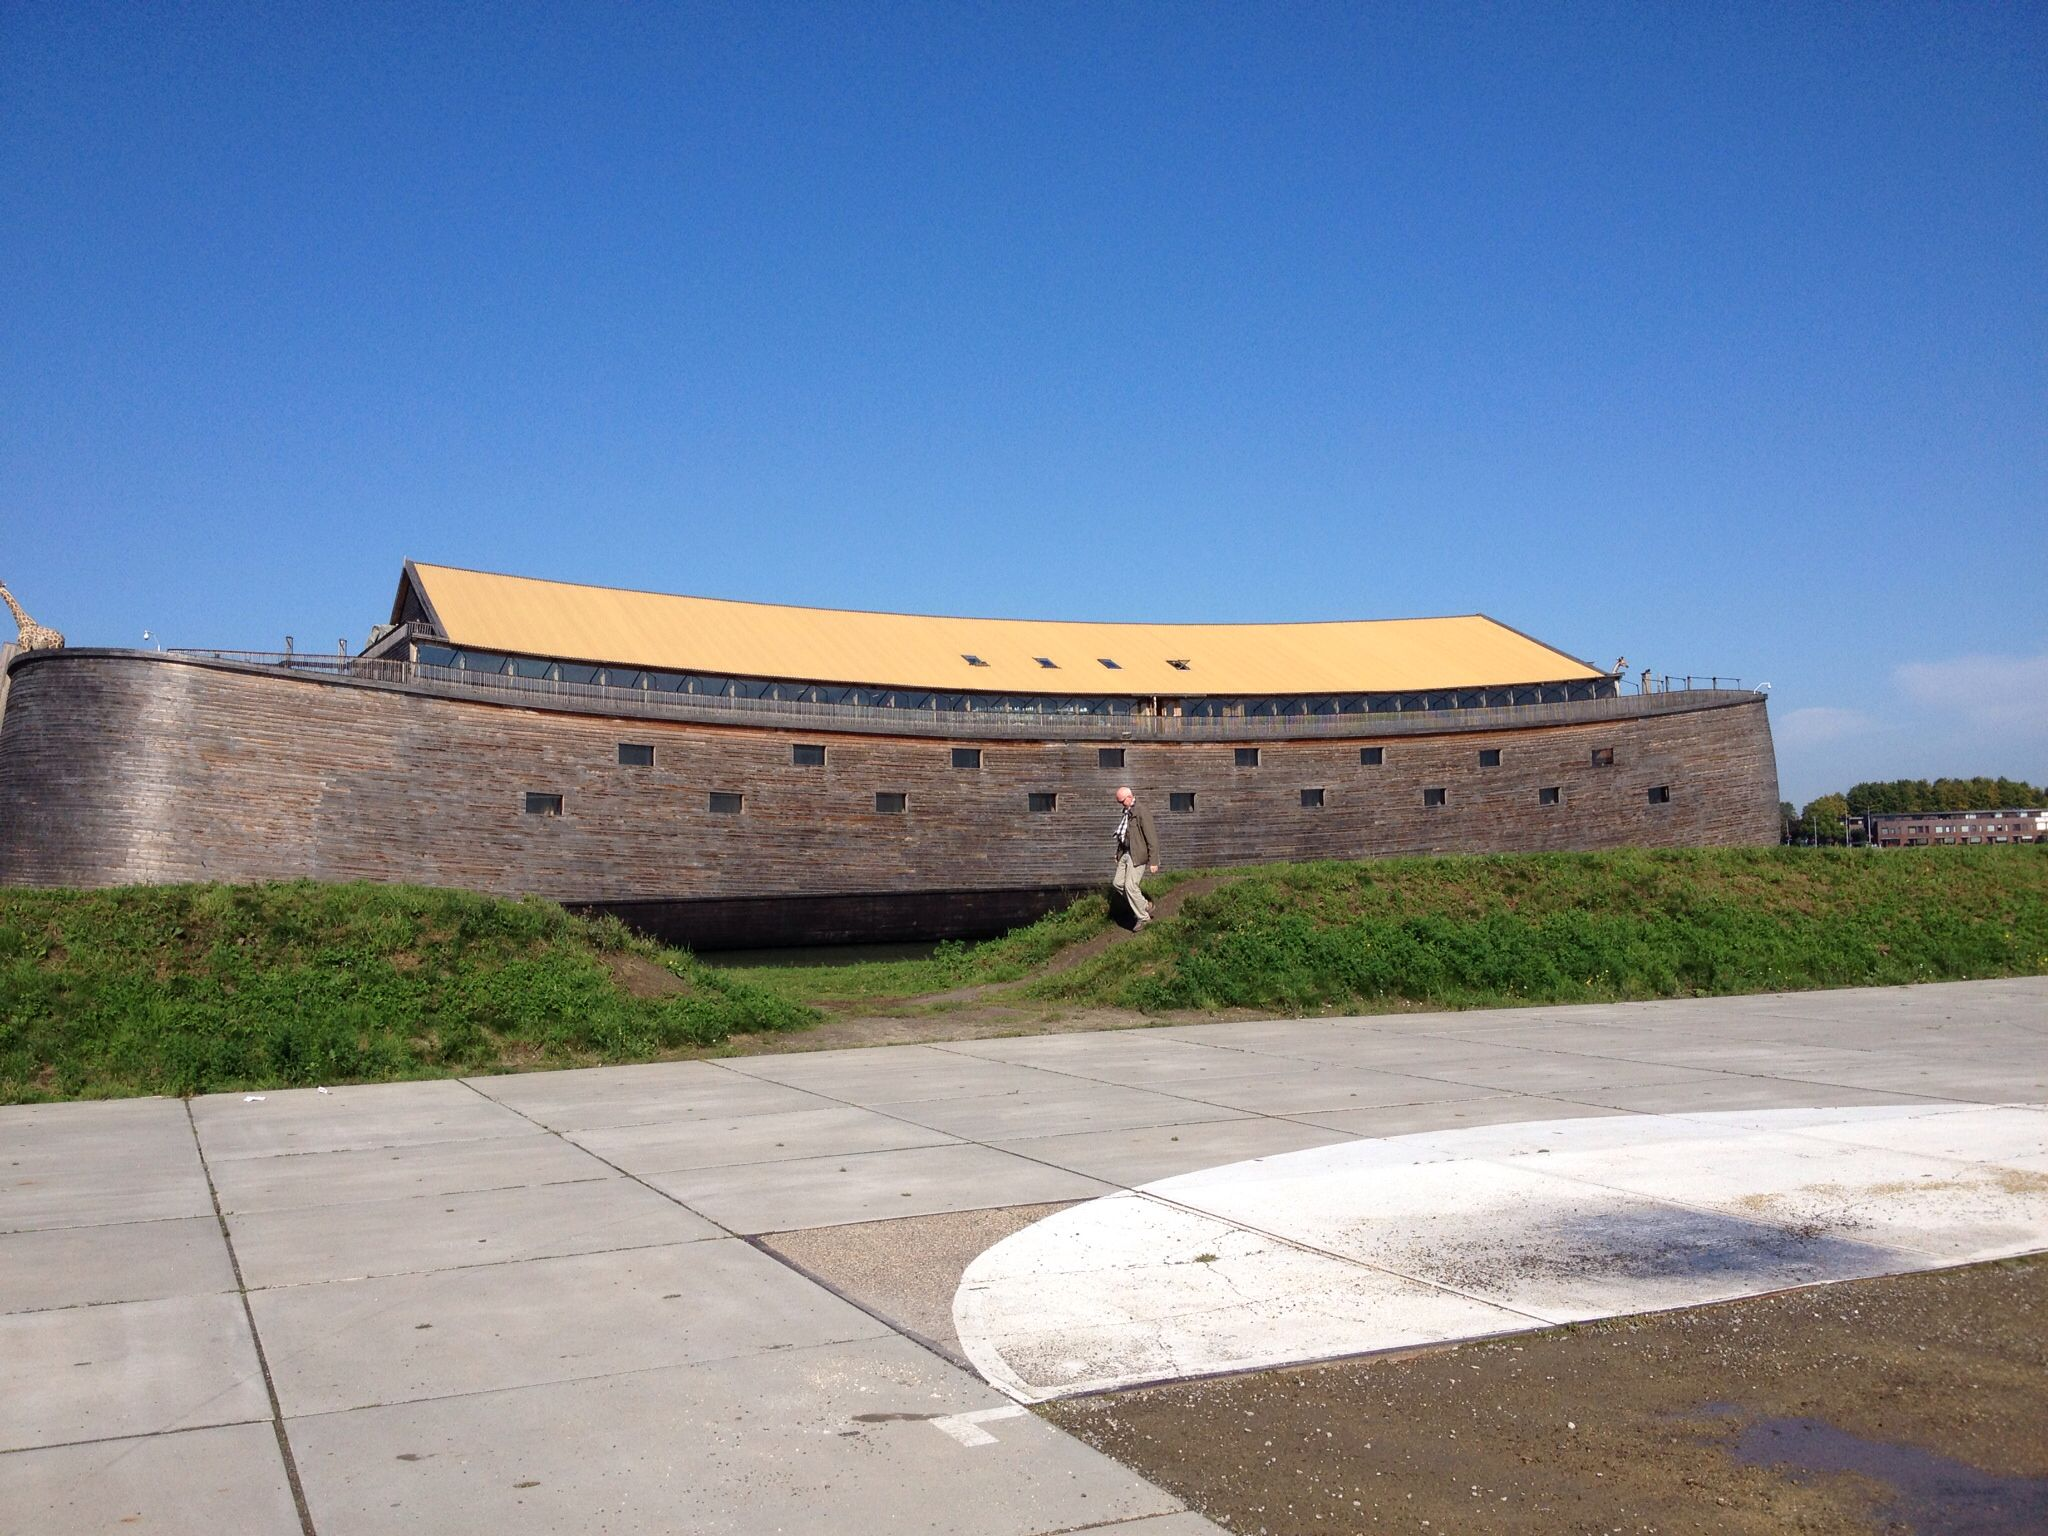 De ark van Noach, nagebouwd op het bijbels verlslag